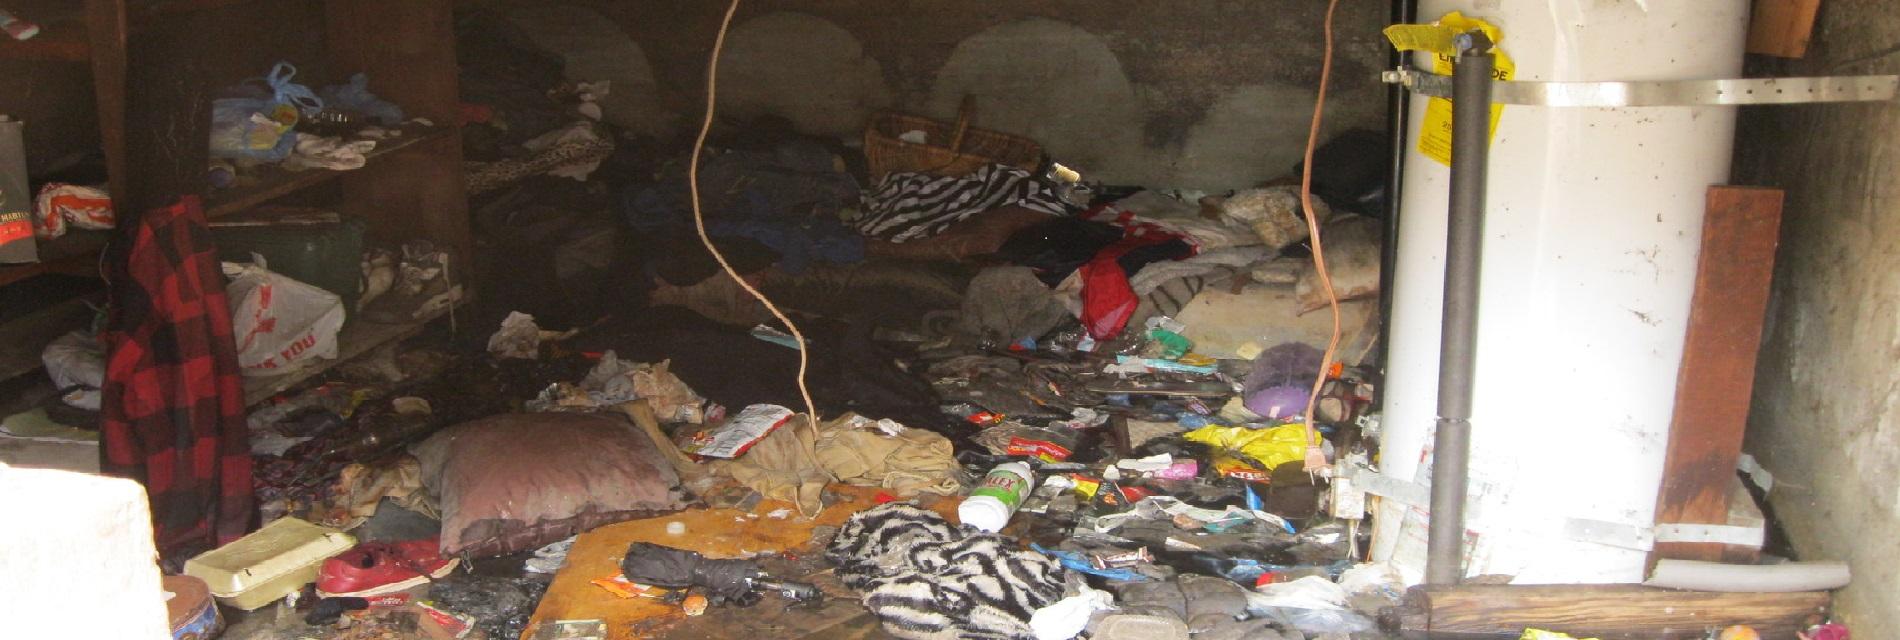 sewage backups help ottawa